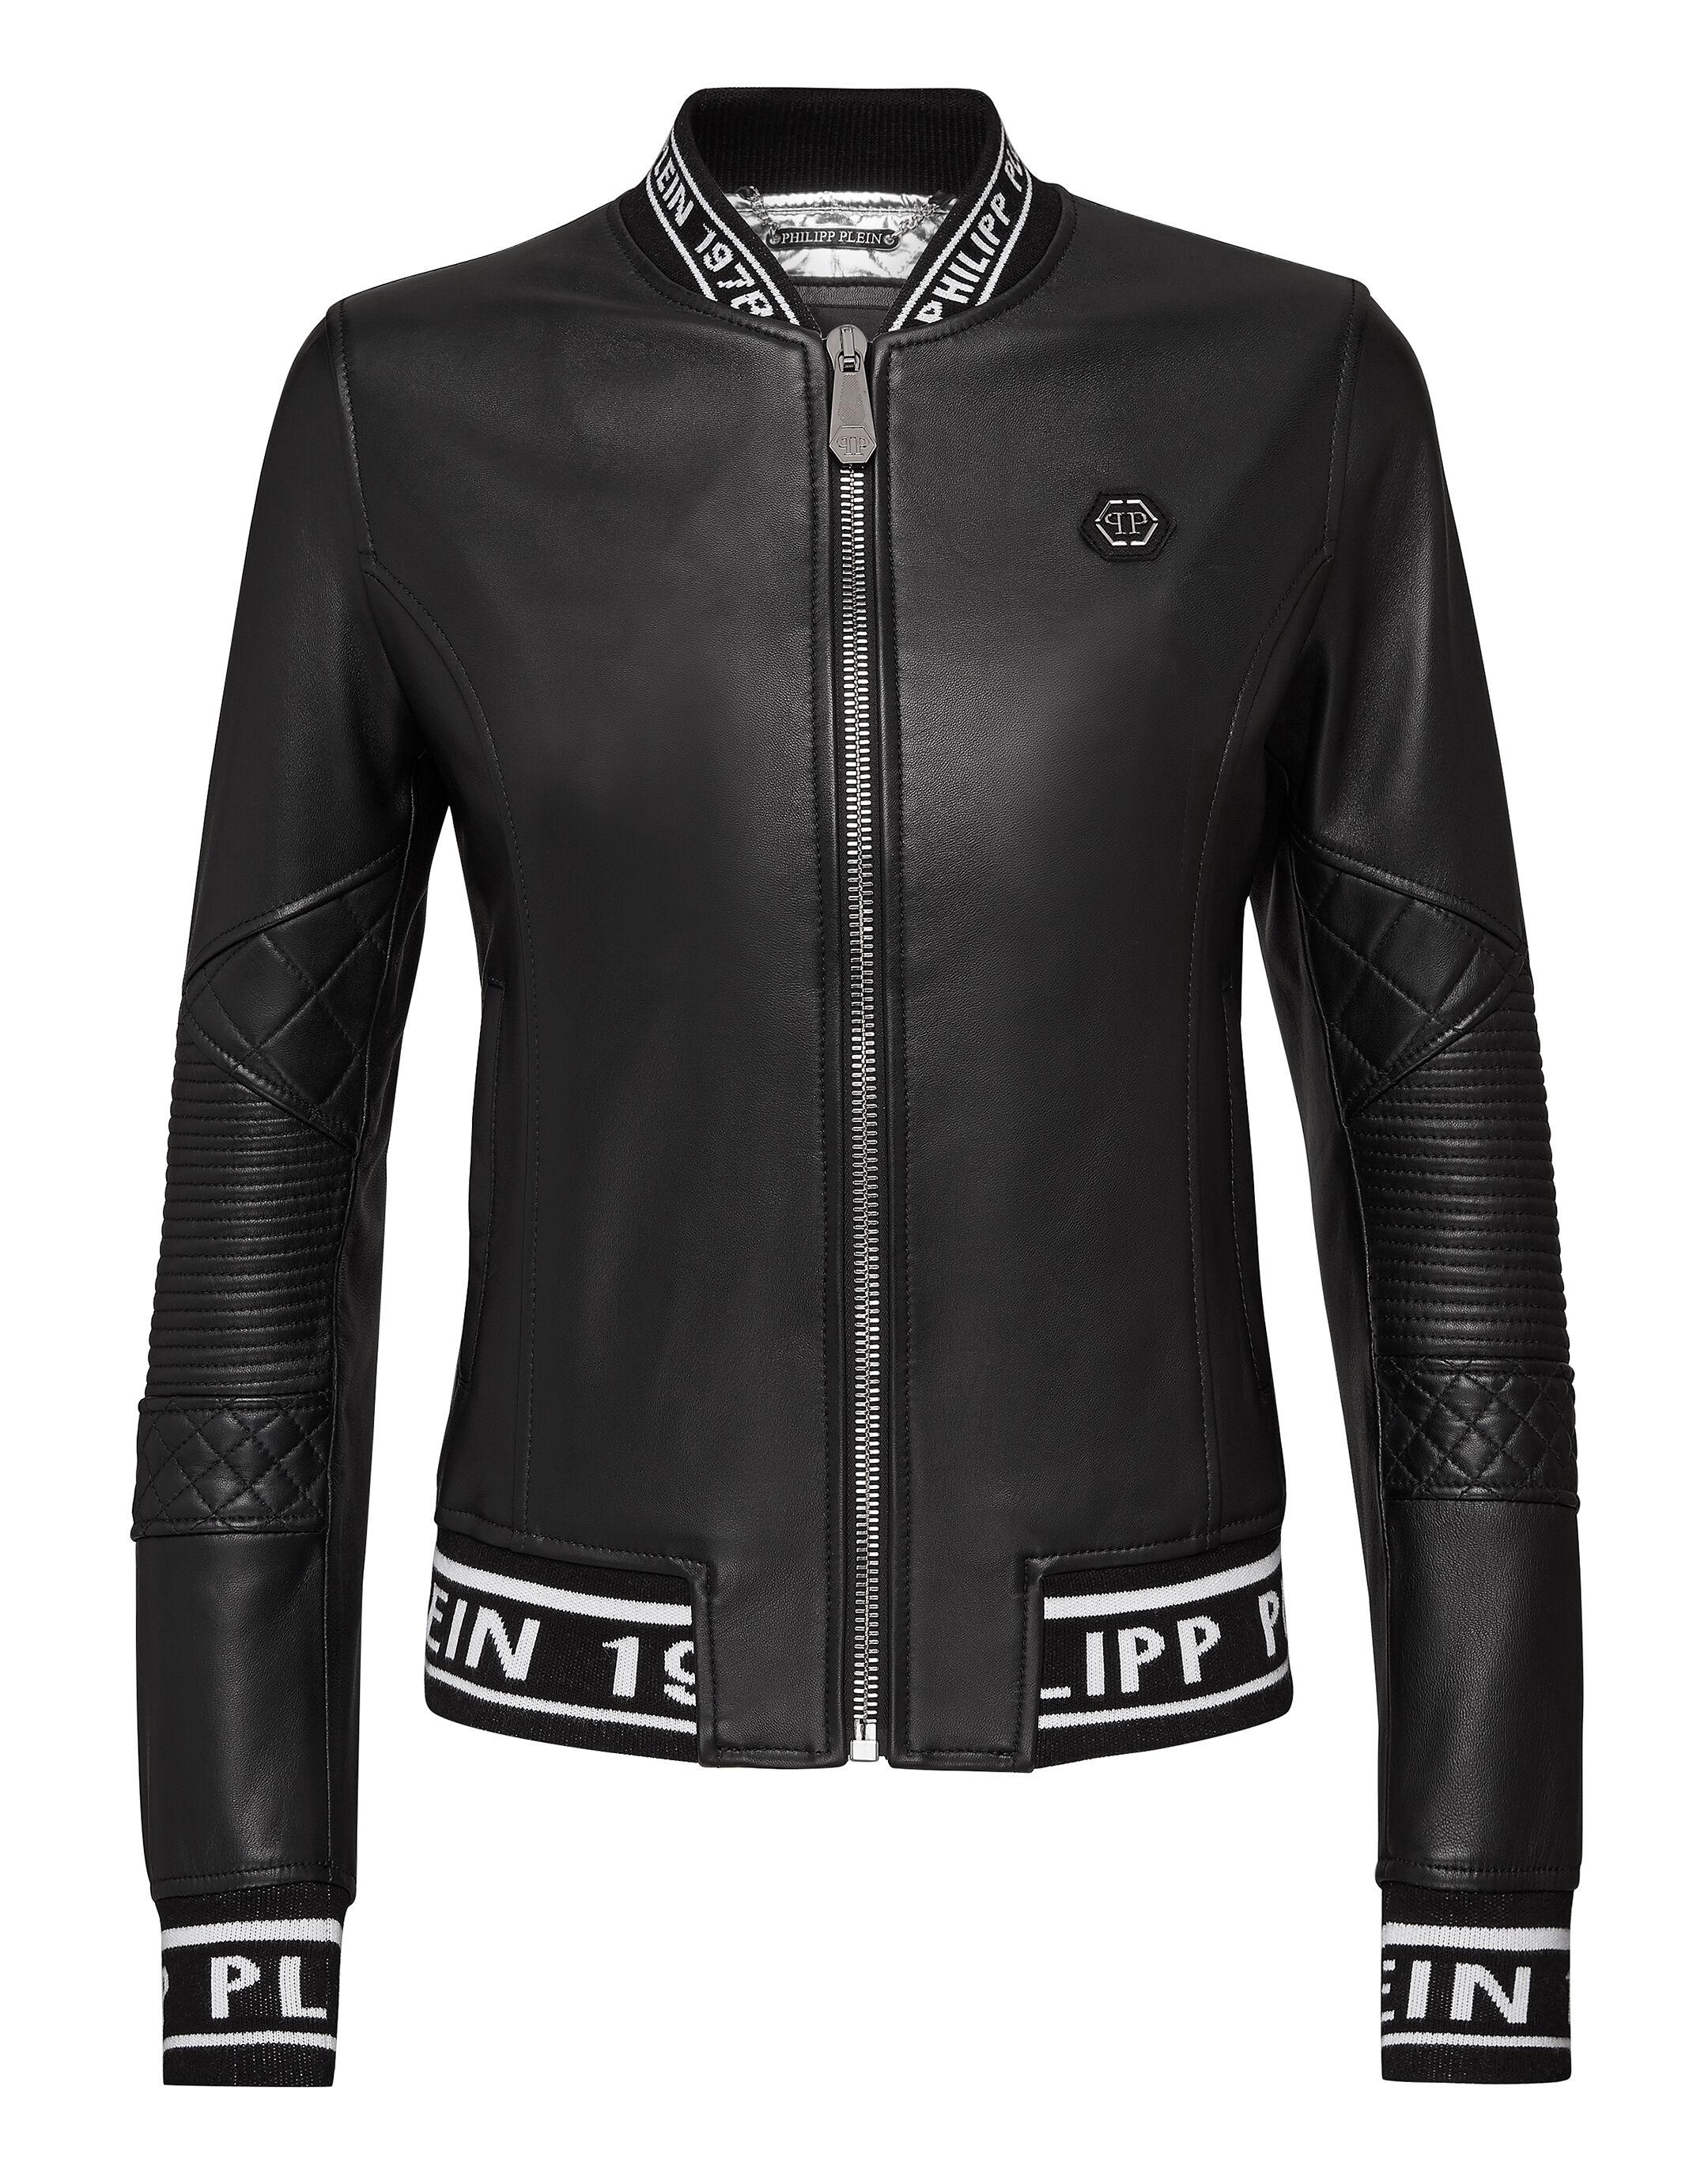 cheap for discount 75f43 fcb4d philipp plein jacke Billig online kaufen Philipp plein  this love  jeans  damen bekleidung philipp. NikeAir ...